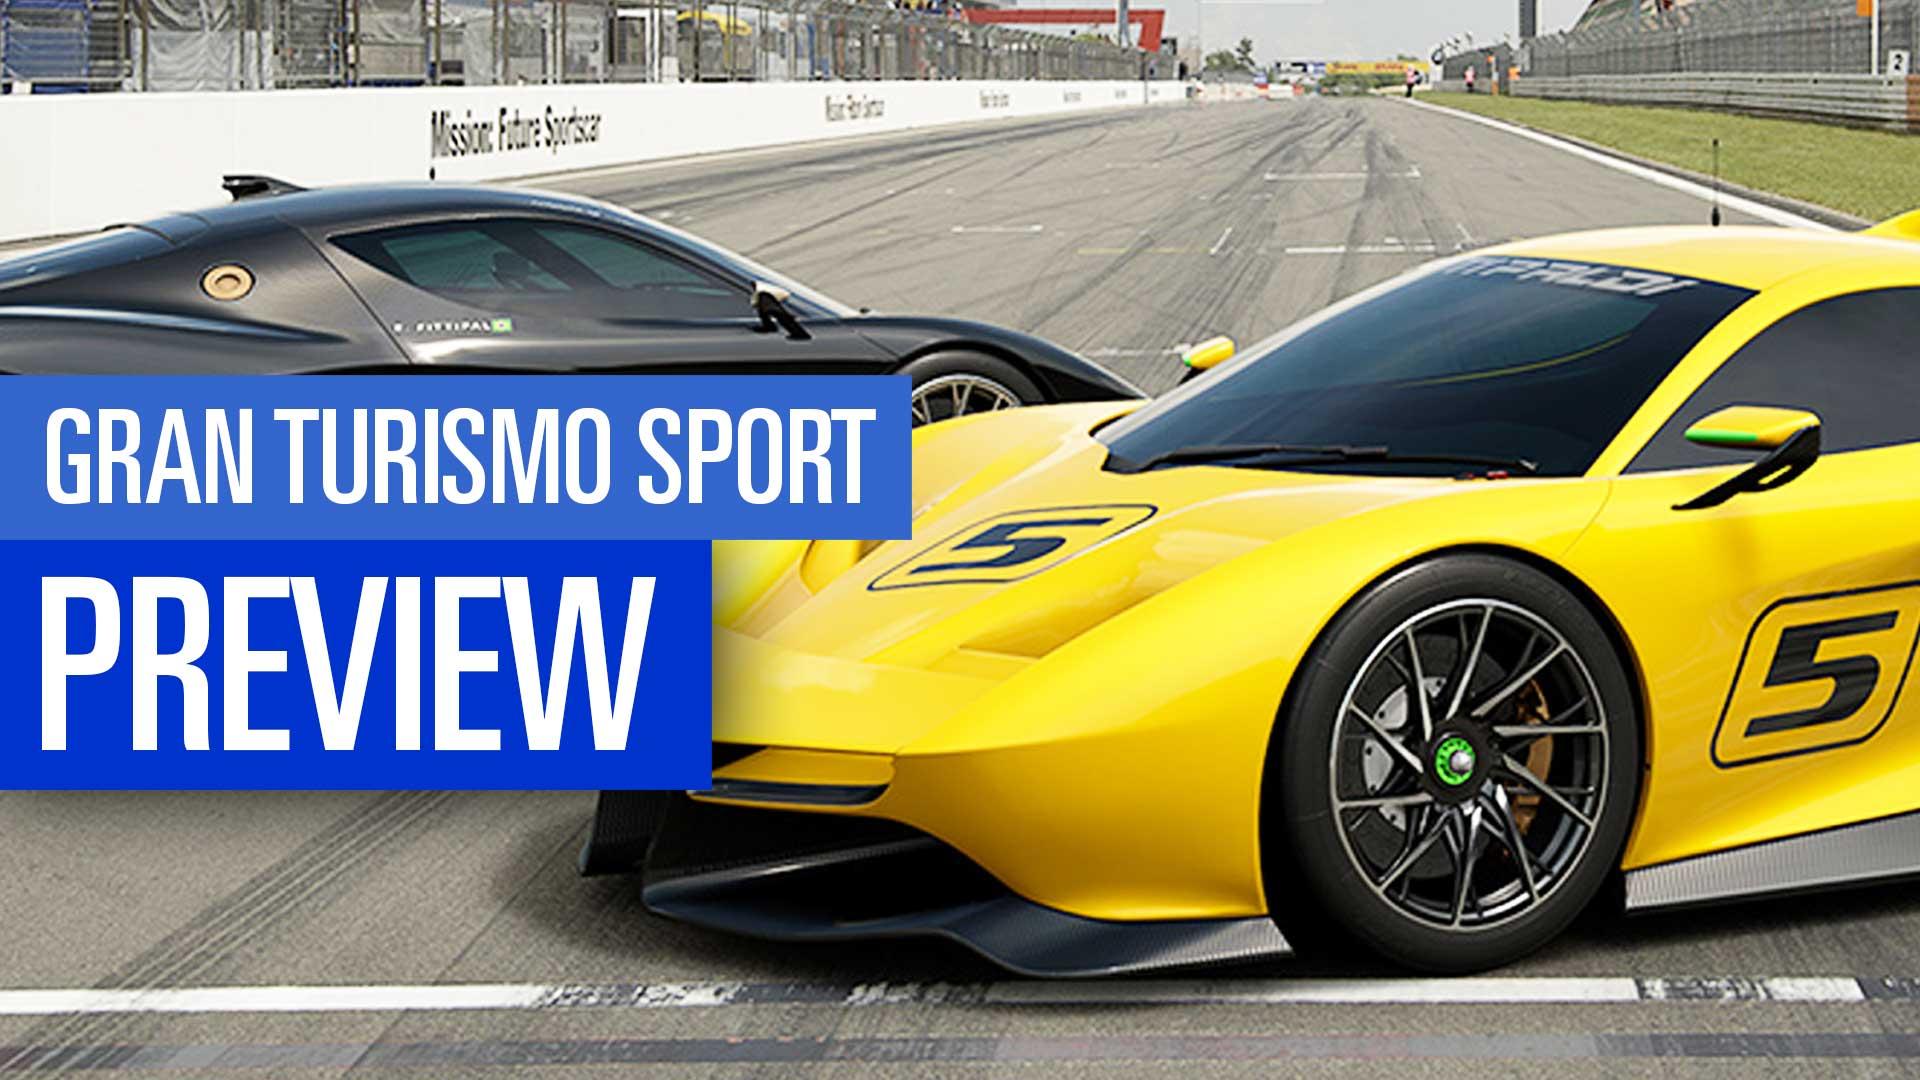 Auto motor und sport testwertungen -  Gran Turismo Sport Das Ps4 Rennspiel Im Vorschau Video